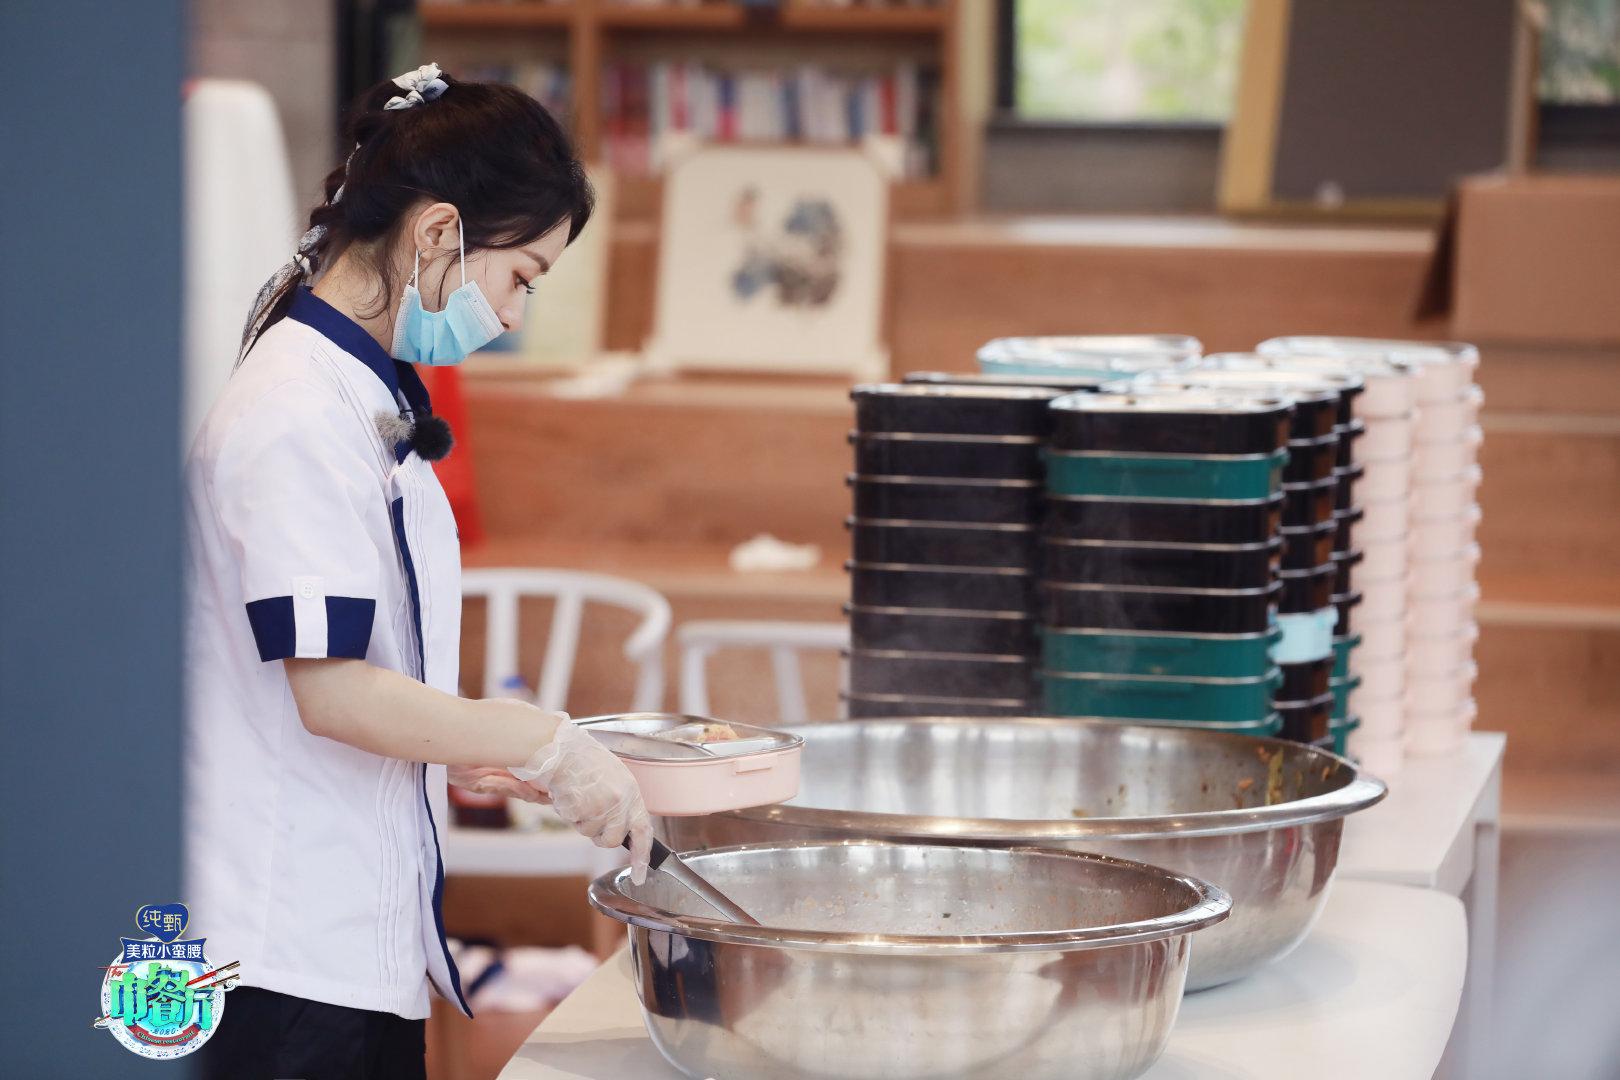 【摩登5注册】《中餐厅4》本周收官 黄晓明赵丽颖制作爱心盒饭 (图2)